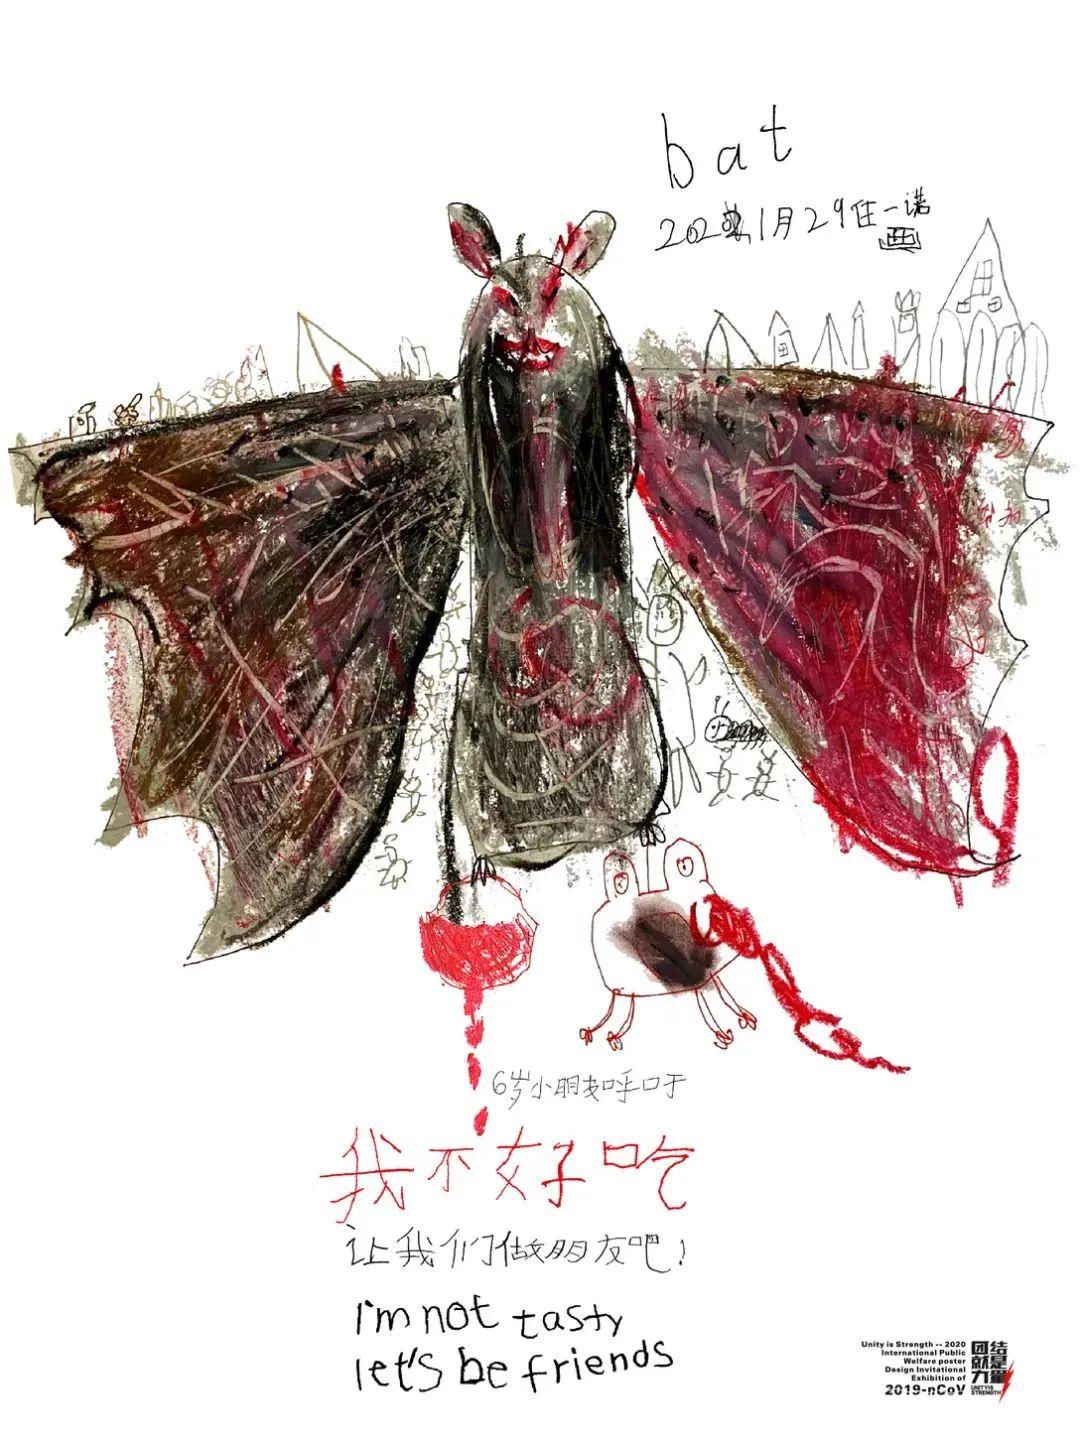 6岁蒙古族小设计师用插画拯救野生动物,为抗疫助力! 第6张